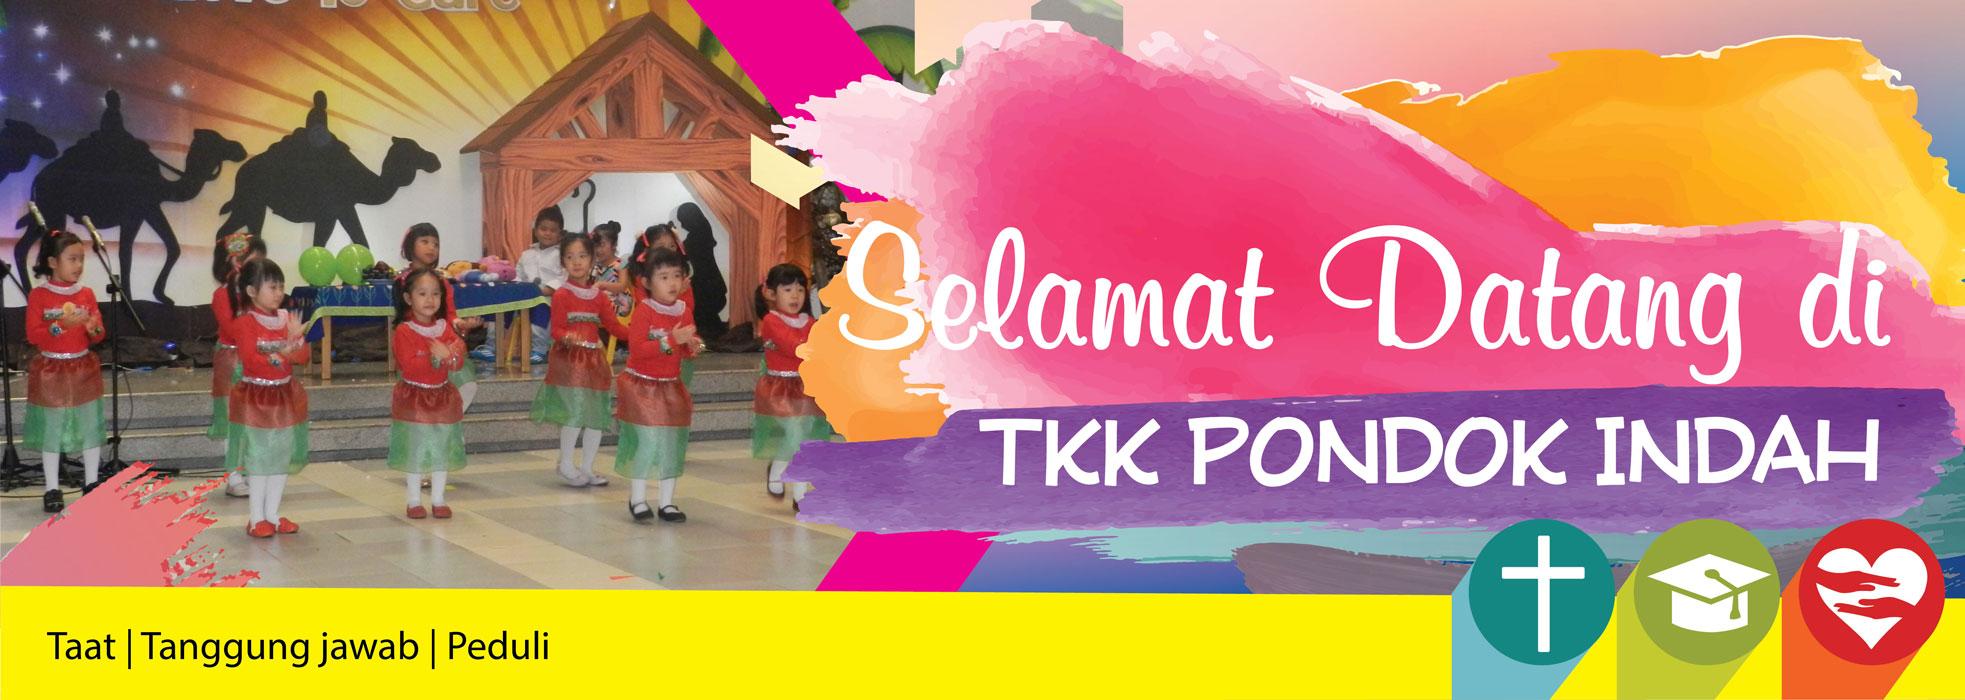 banner-header-TK-Pi